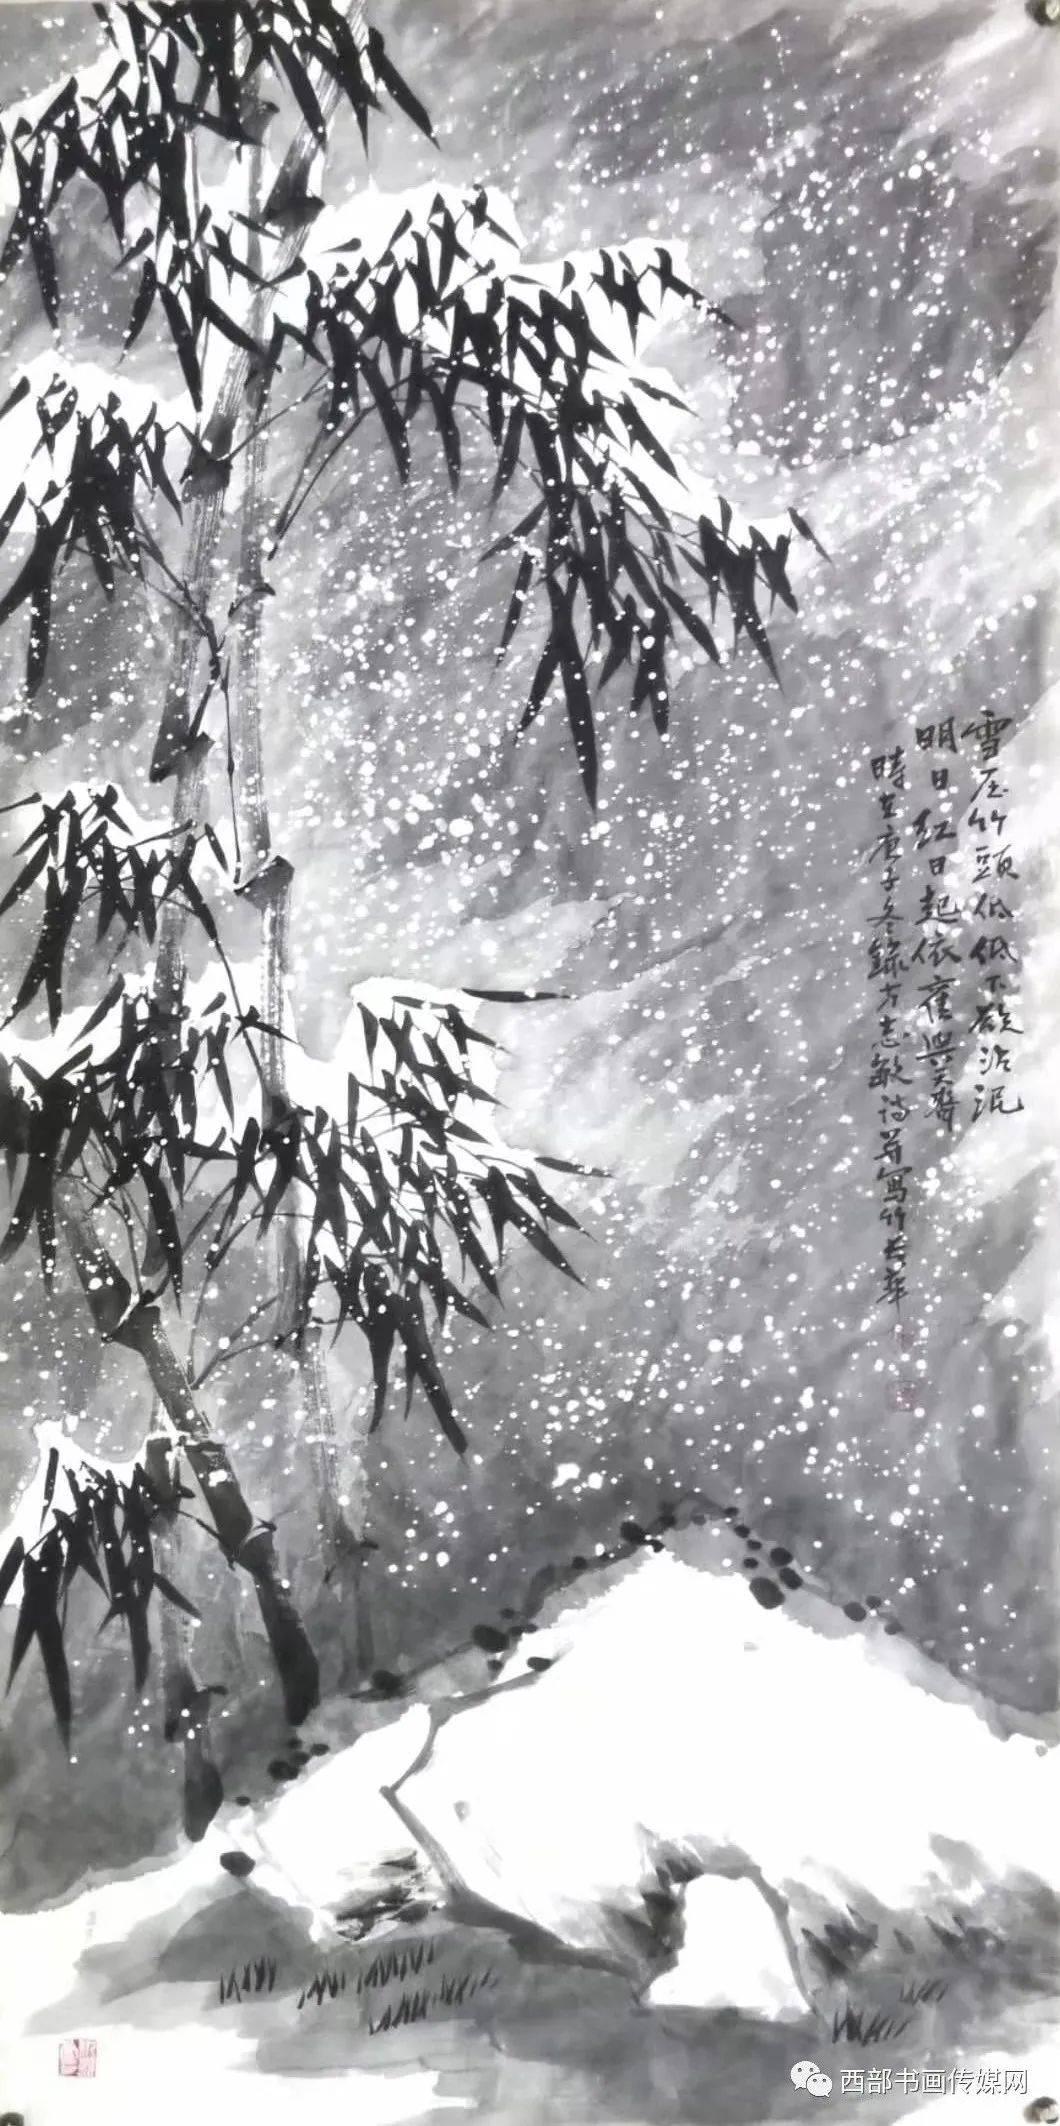 著名画家仇长华的艺术之路